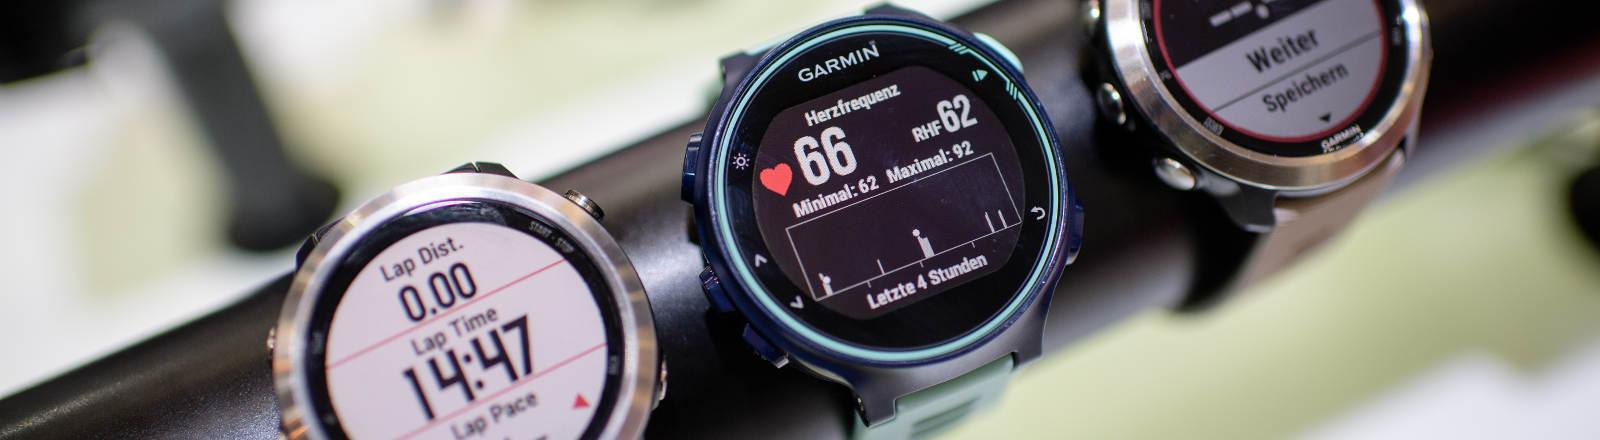 Drei Fitness-Tracker von Garmin